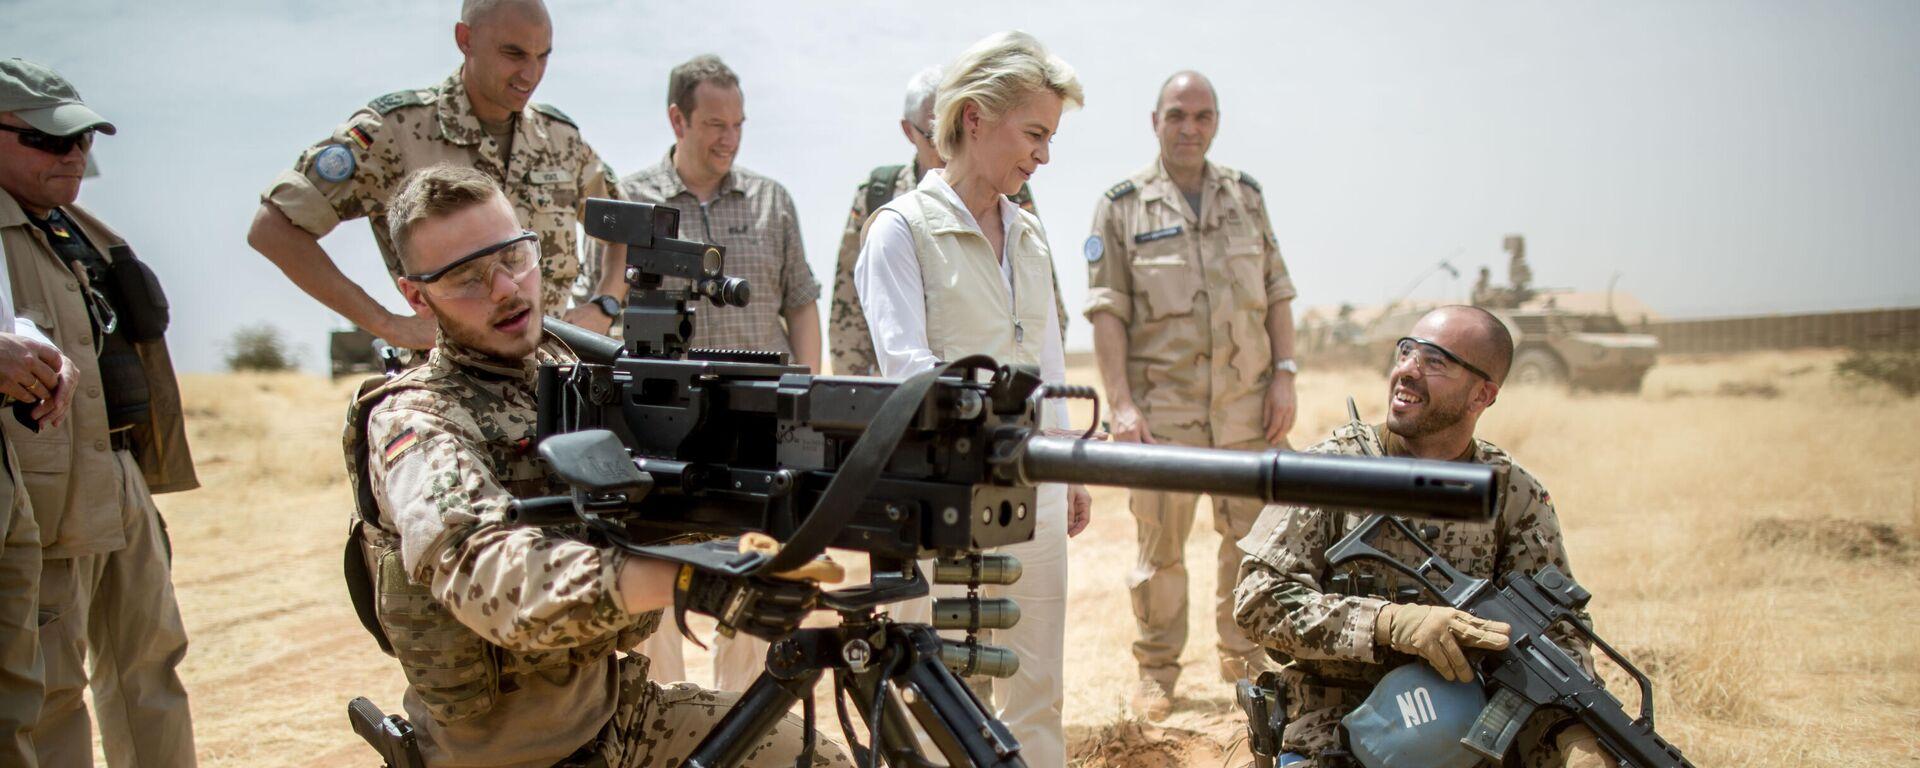 Damalige Verteidigungsministerin Ursula von der Leyen besucht Bundeswehrsoldaten in Mali (Archivbild) - SNA, 1920, 18.07.2021